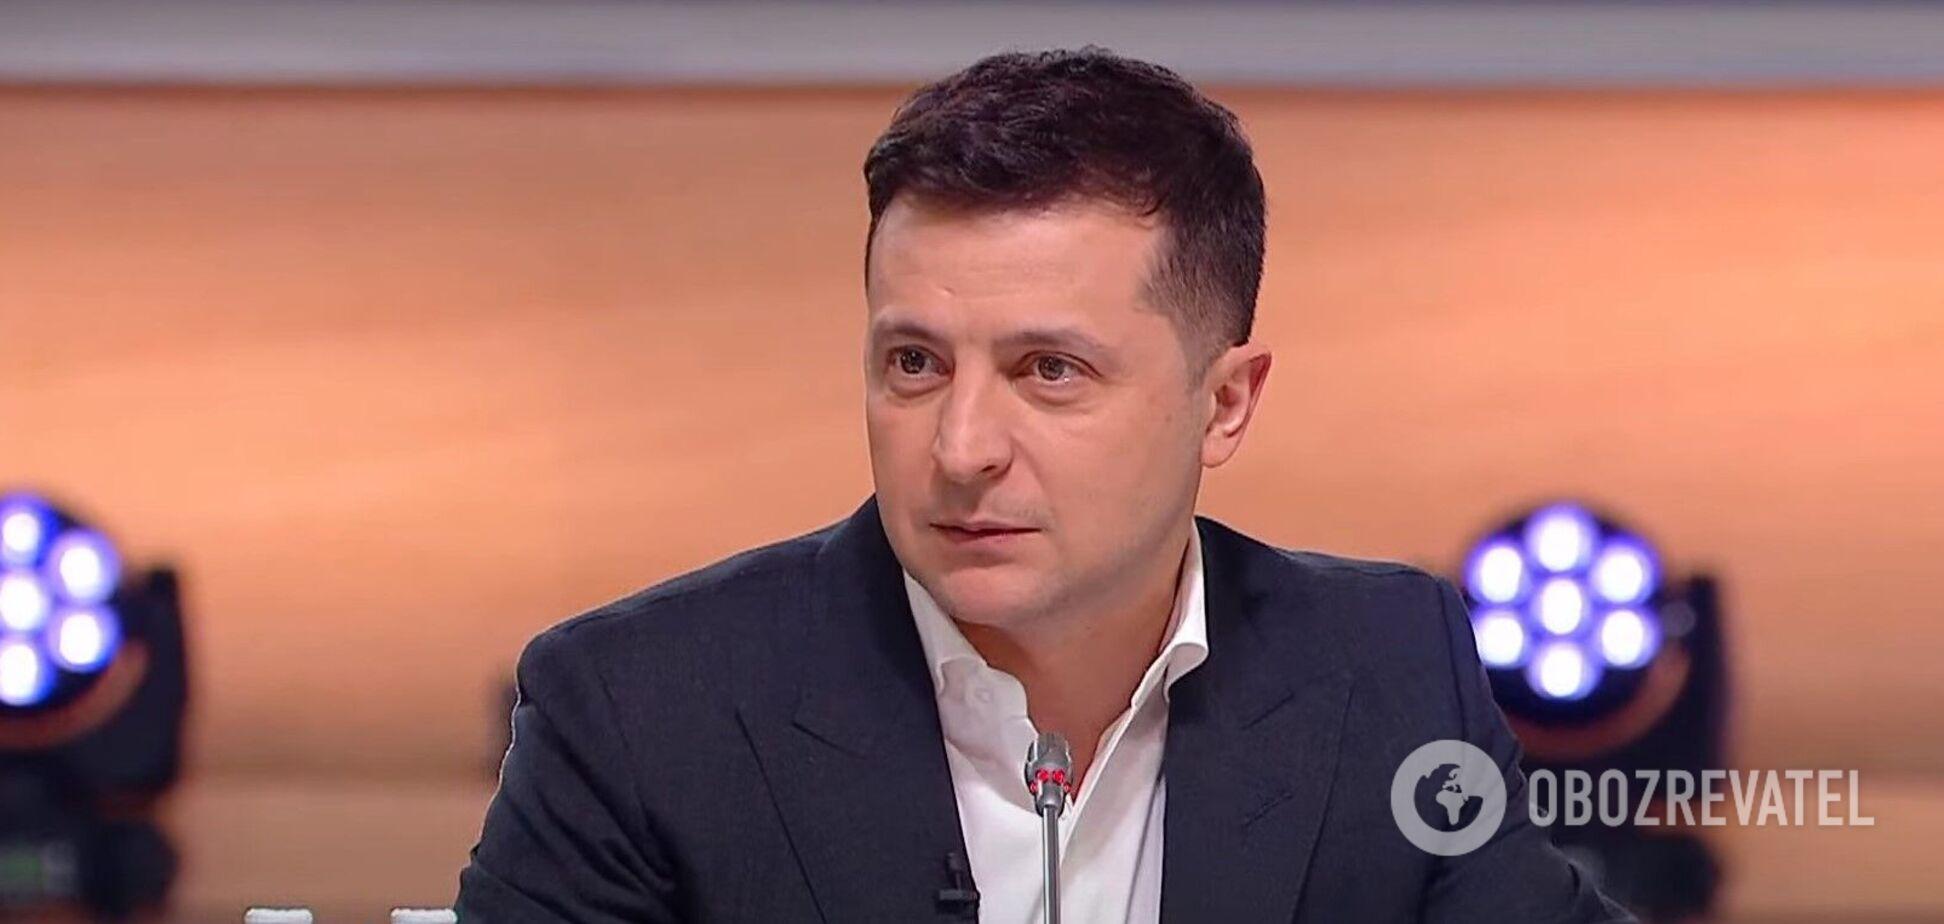 Зеленский заявил, что гордится работой 'мощного органа' СНБО